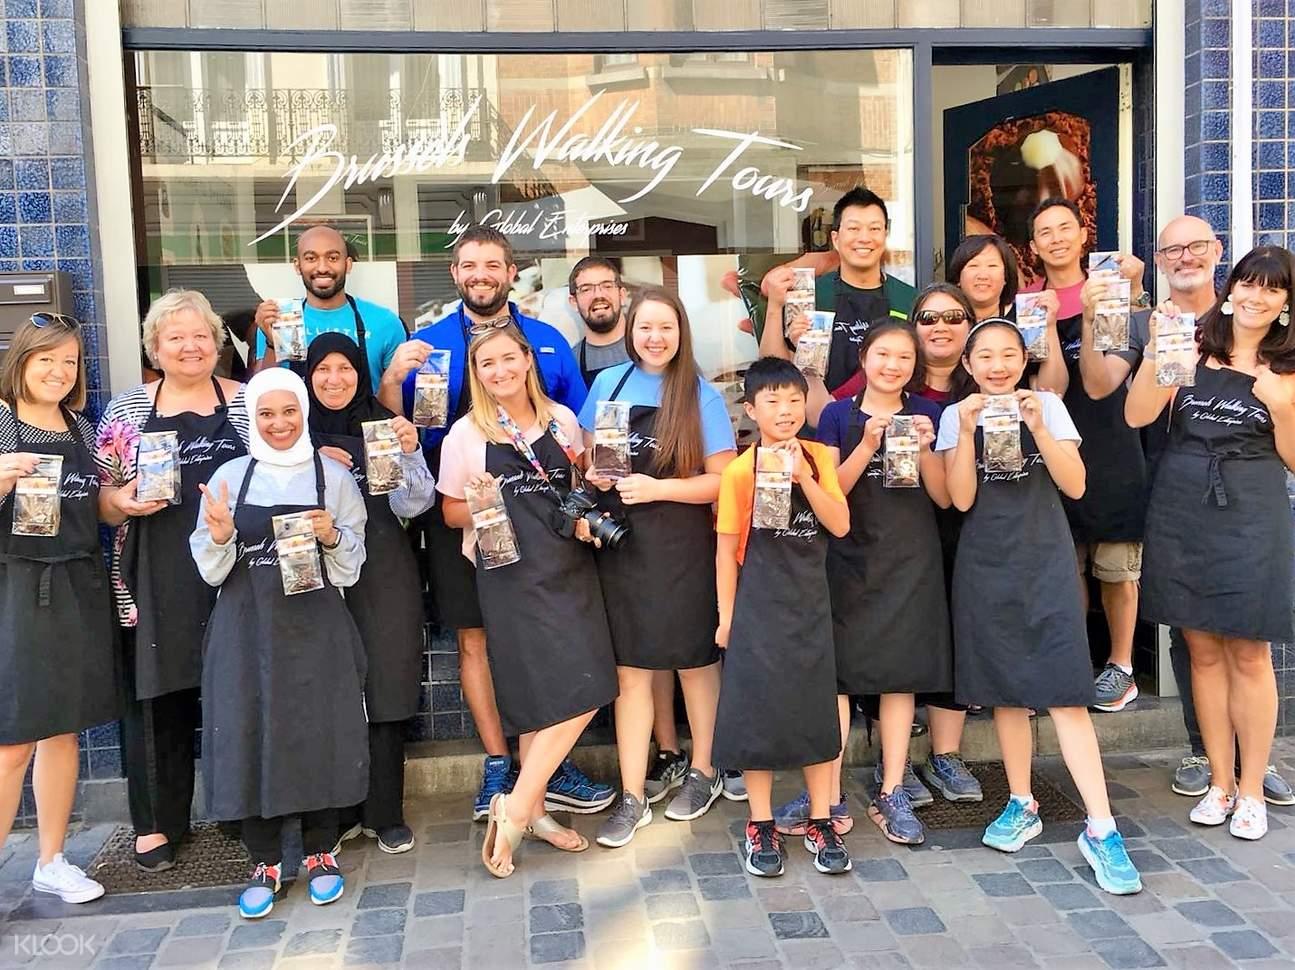 belgian chocolate workshop attendees